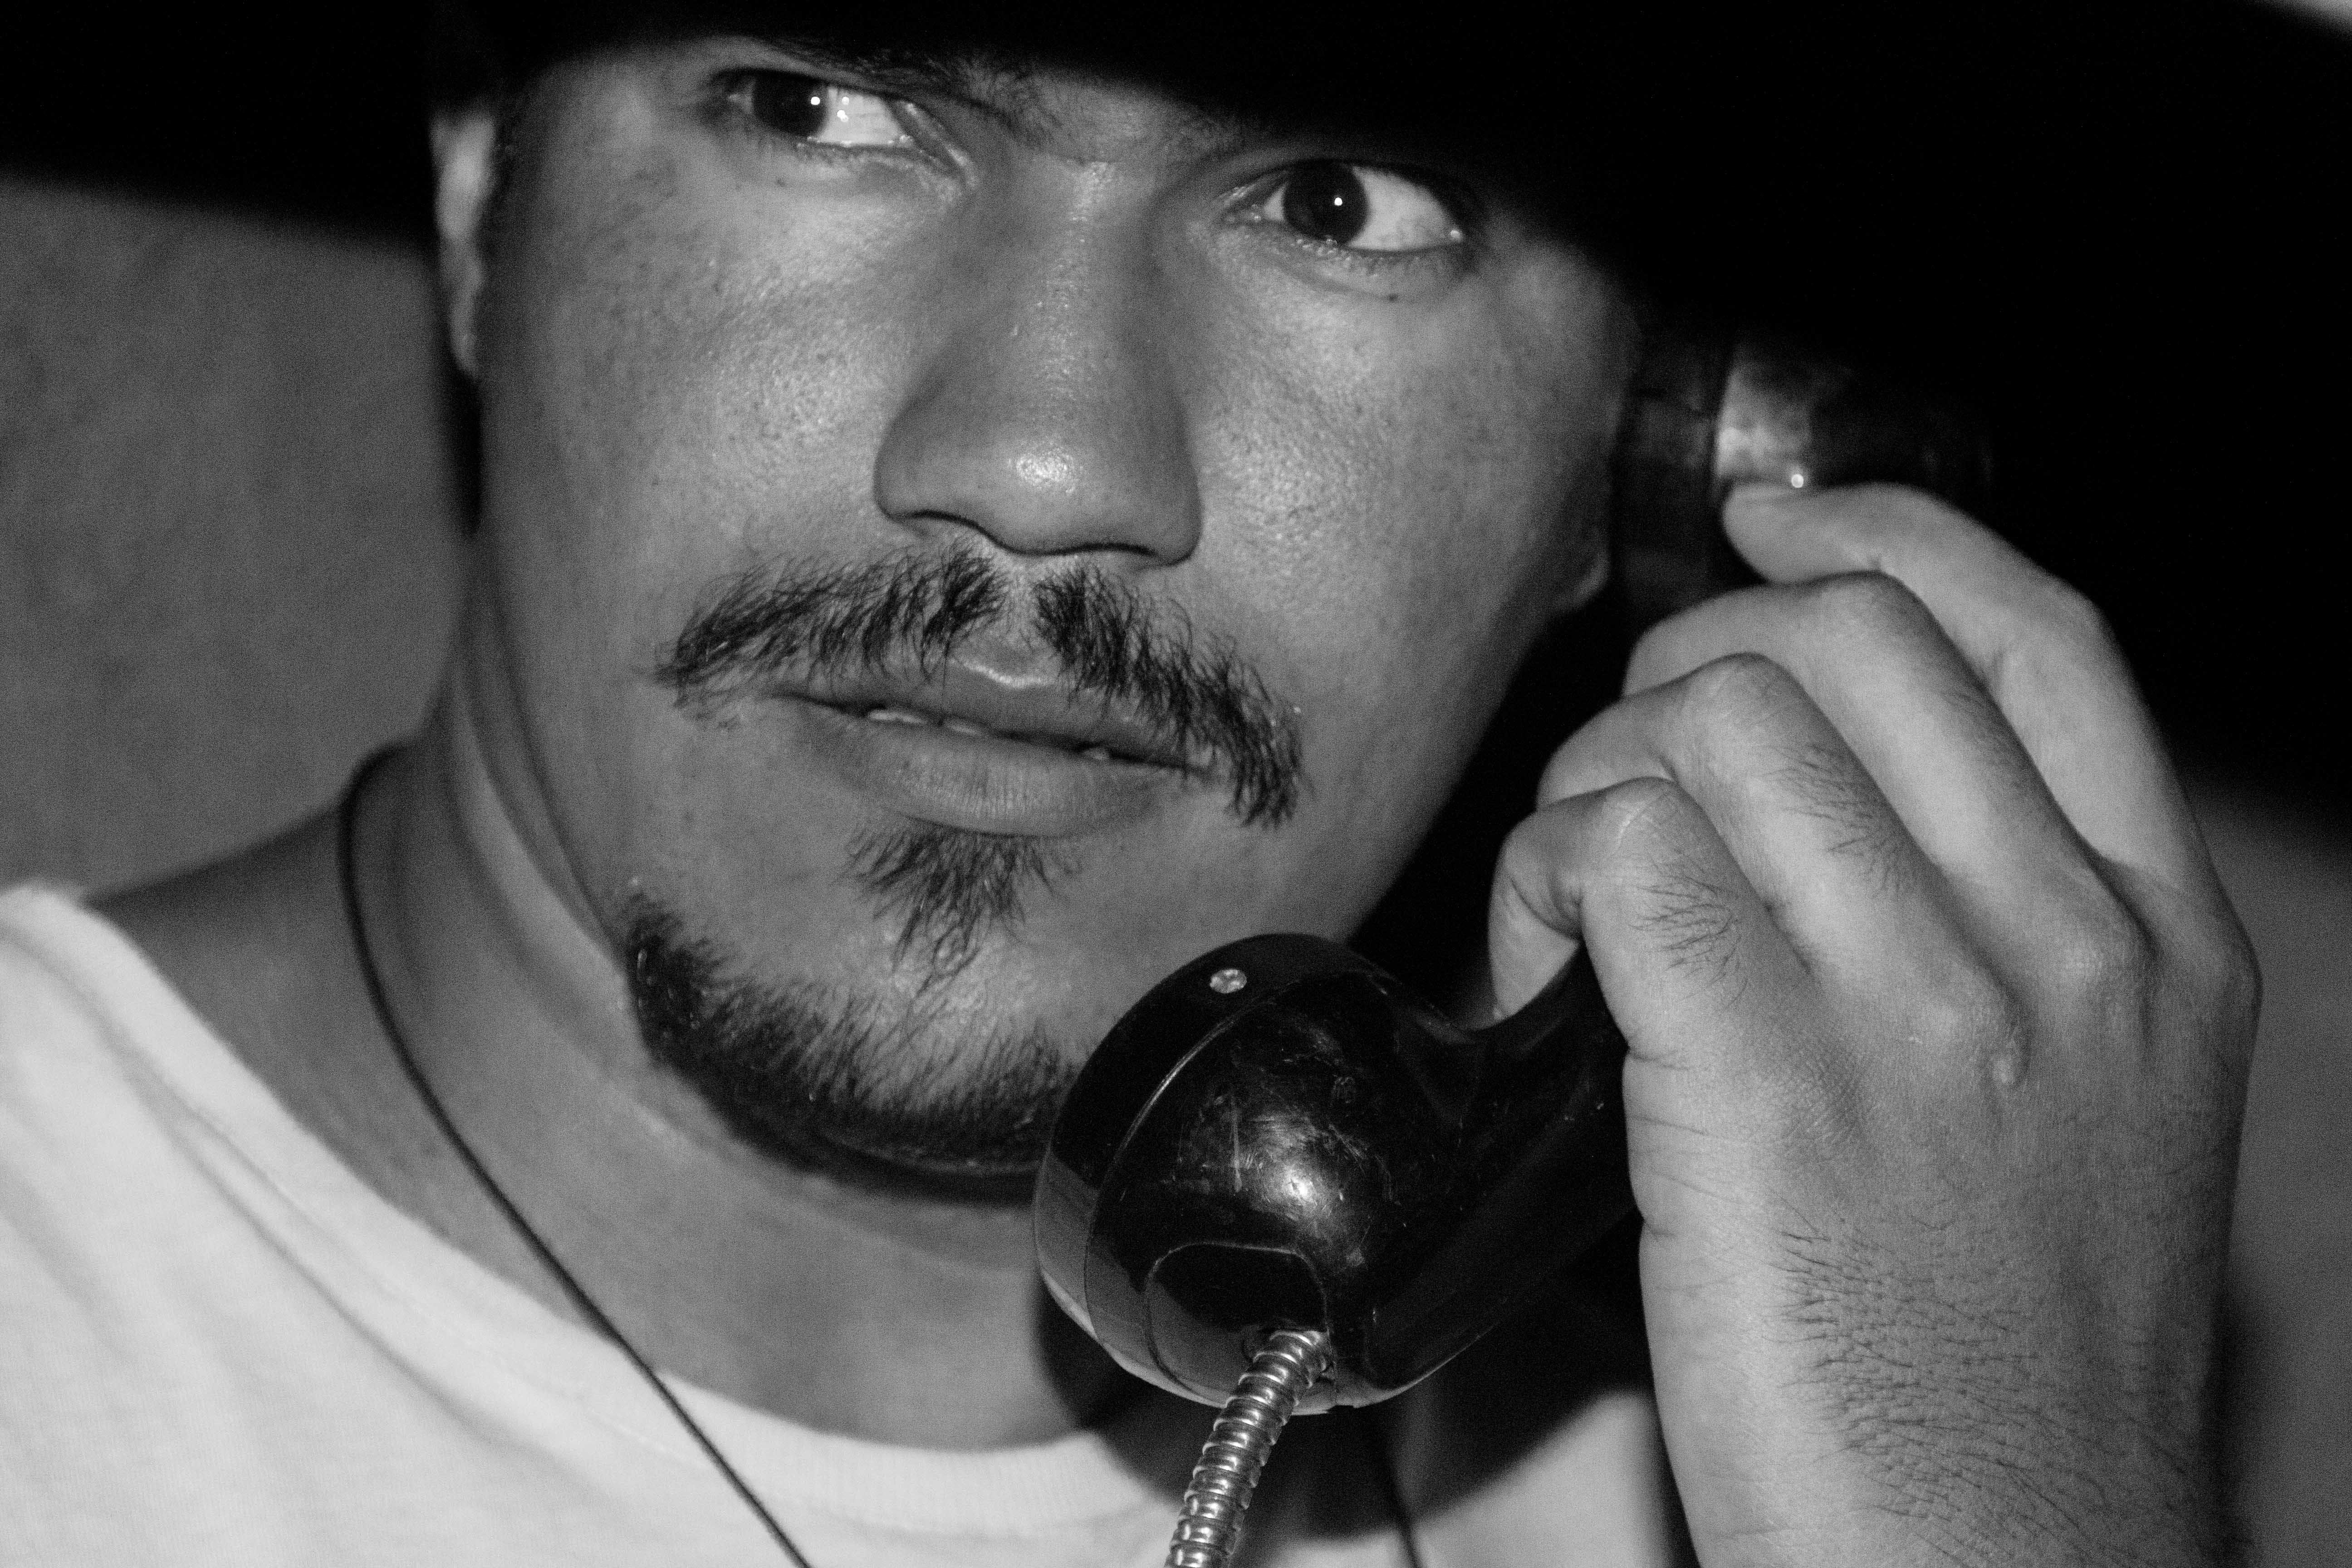 как звонить с чужого номера, как мошенники звонят с чужих номеров, как звонить с чужого номера телефона, мобильные мошенники, мошенники мобильный телефон, мошенники звонят на мобильный, мошенники мобильных банка, мошенники звонят на мобильный телефон, мошенники звонят на мобильный телефон из банка, мобильные номера мошенников, мошенники через мобильный, могут ли мобильные мошенники, телефонные мошенники, мошенники, мошенники кредит, мошенники по телефону, что делать если мошенники, номера телефонов мошенников, банковские мошенники, звонки мошенников, мошенники взяли кредит, мошенники представляются, как узнать мошенника, мошенническая схема, мошенники представляются полицией